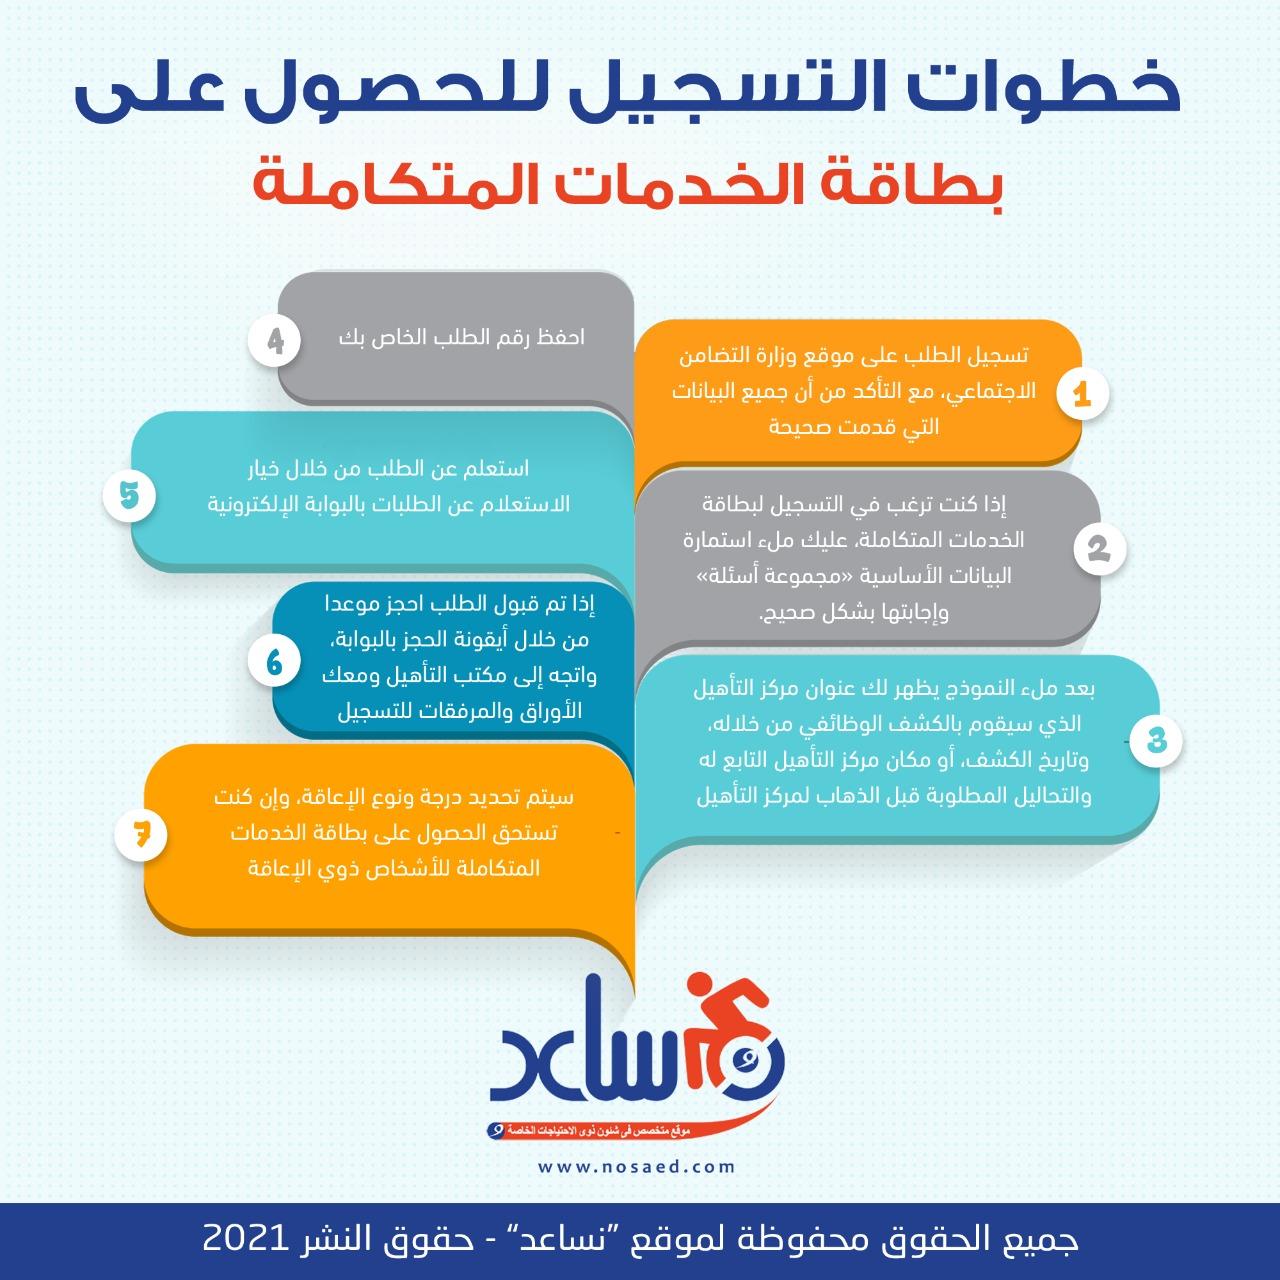 طريقة التسجيل للحصول على بطاقة الخدمات المتكاملة والمستندات المطلوبة